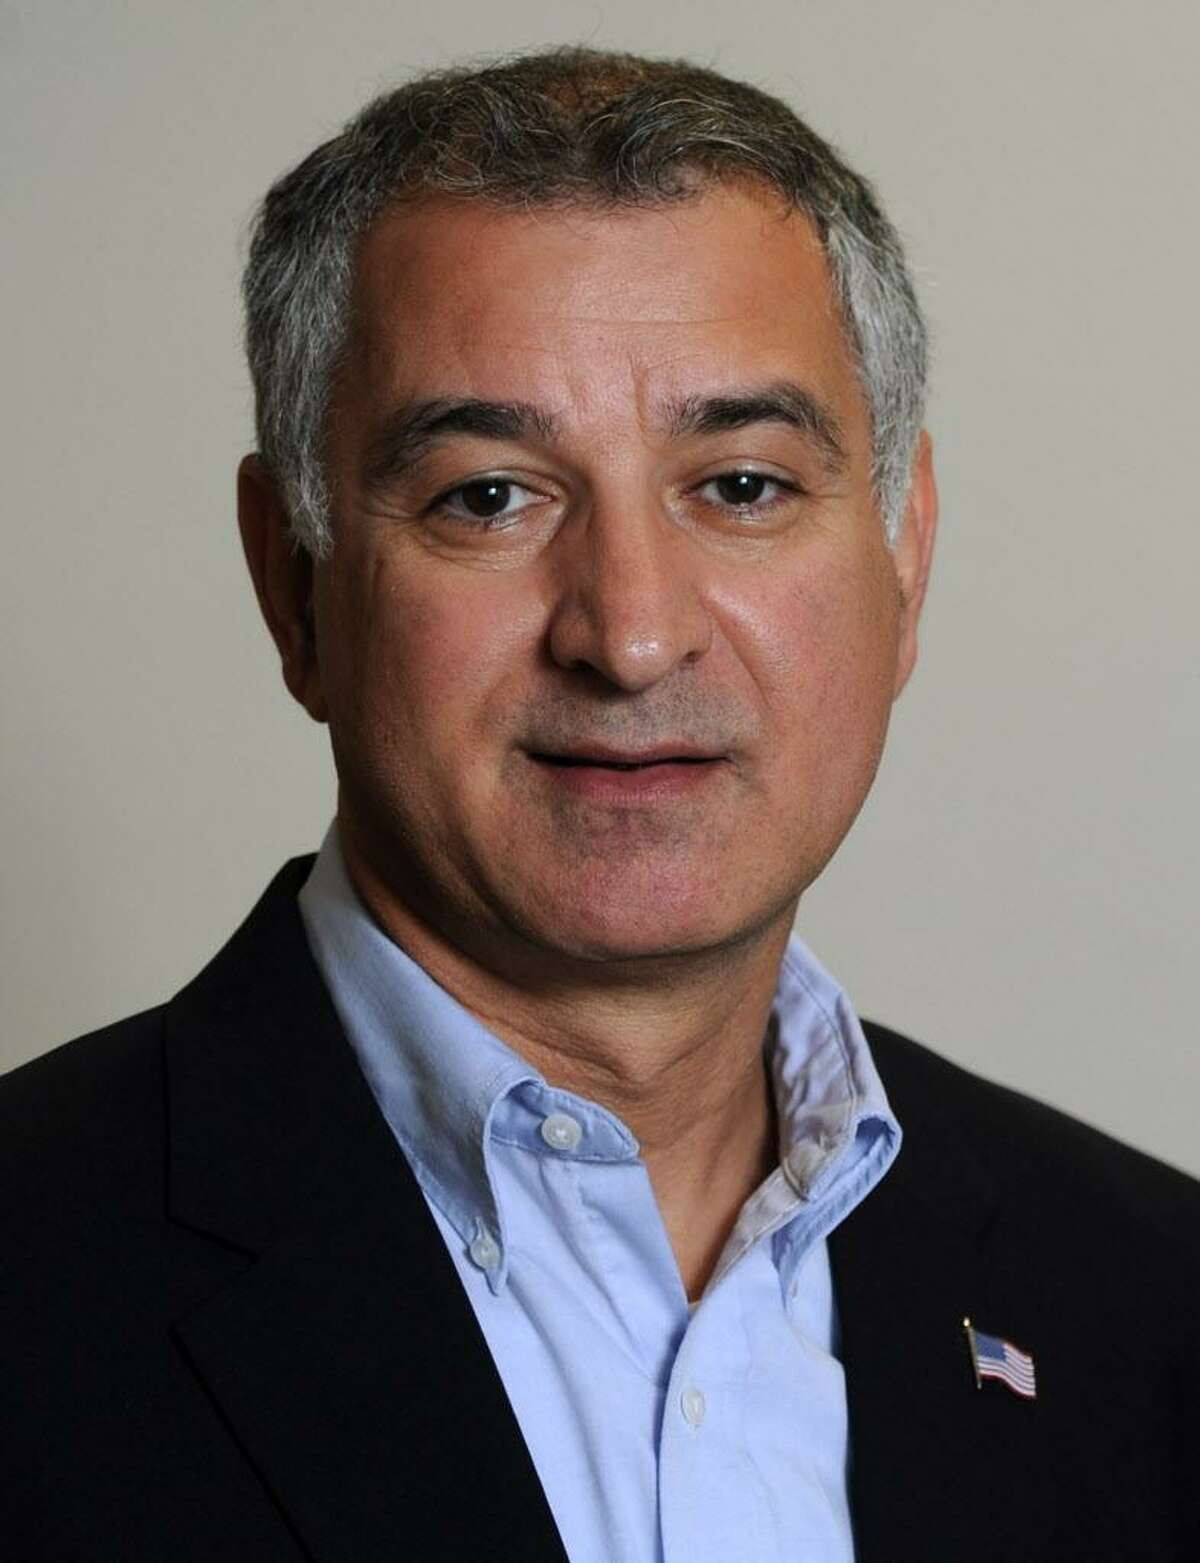 State Sen. Carlo Leone, D-27